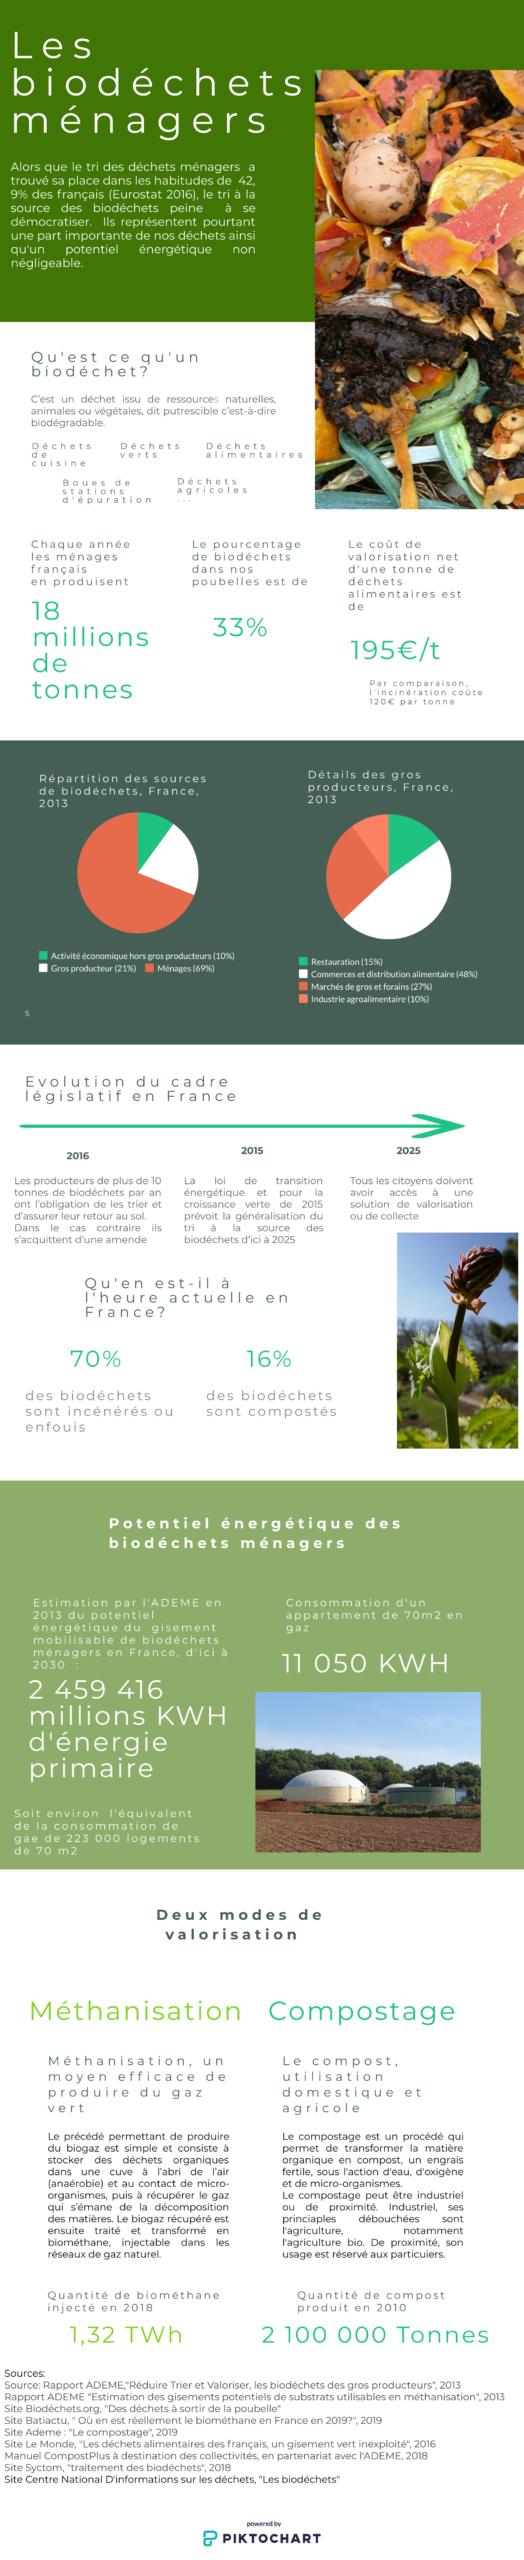 biodéchets ménagers - infographie EnegyStream